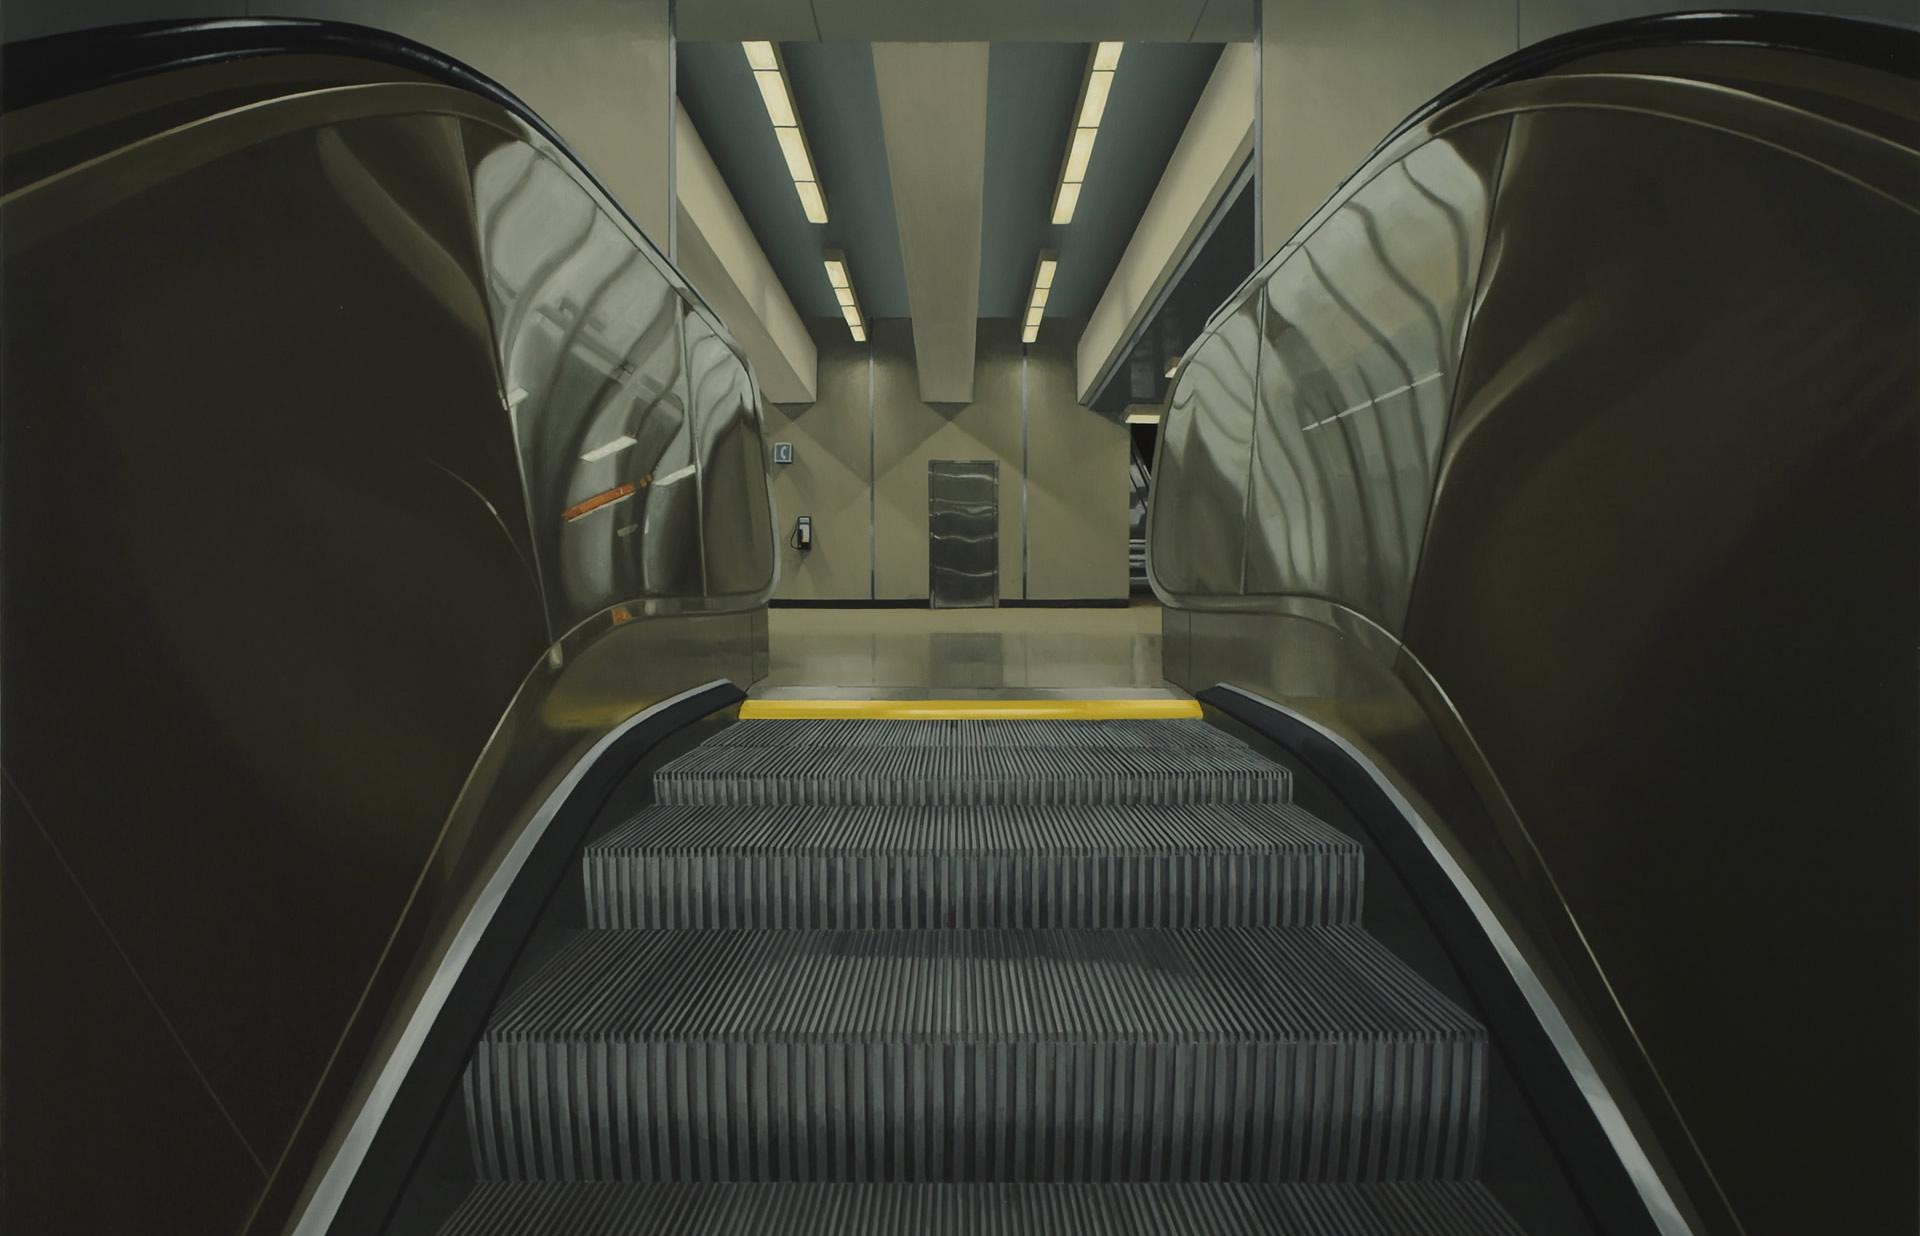 Peter-Harris-Escalator-Online-Art-Galleries